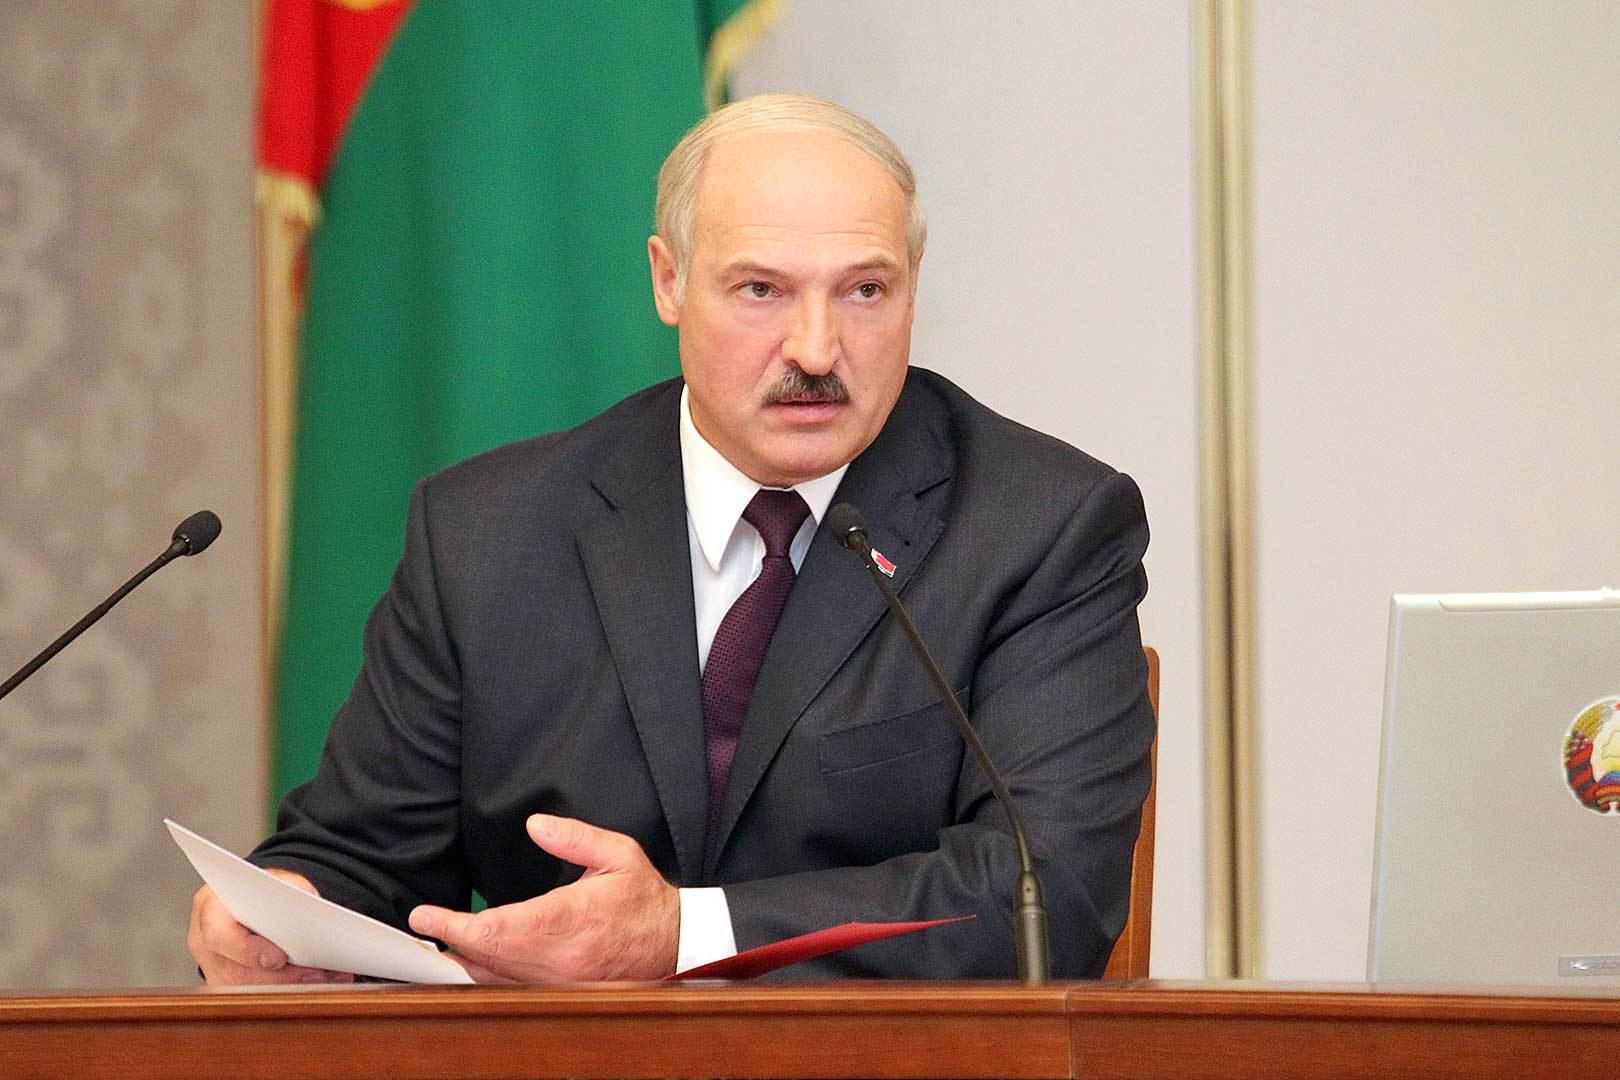 По словам президента, в Минске могли бы встретиться международные эксперты, которые выработали бы договоренности для лидеров конфликтующих государств. Фото: БелТА